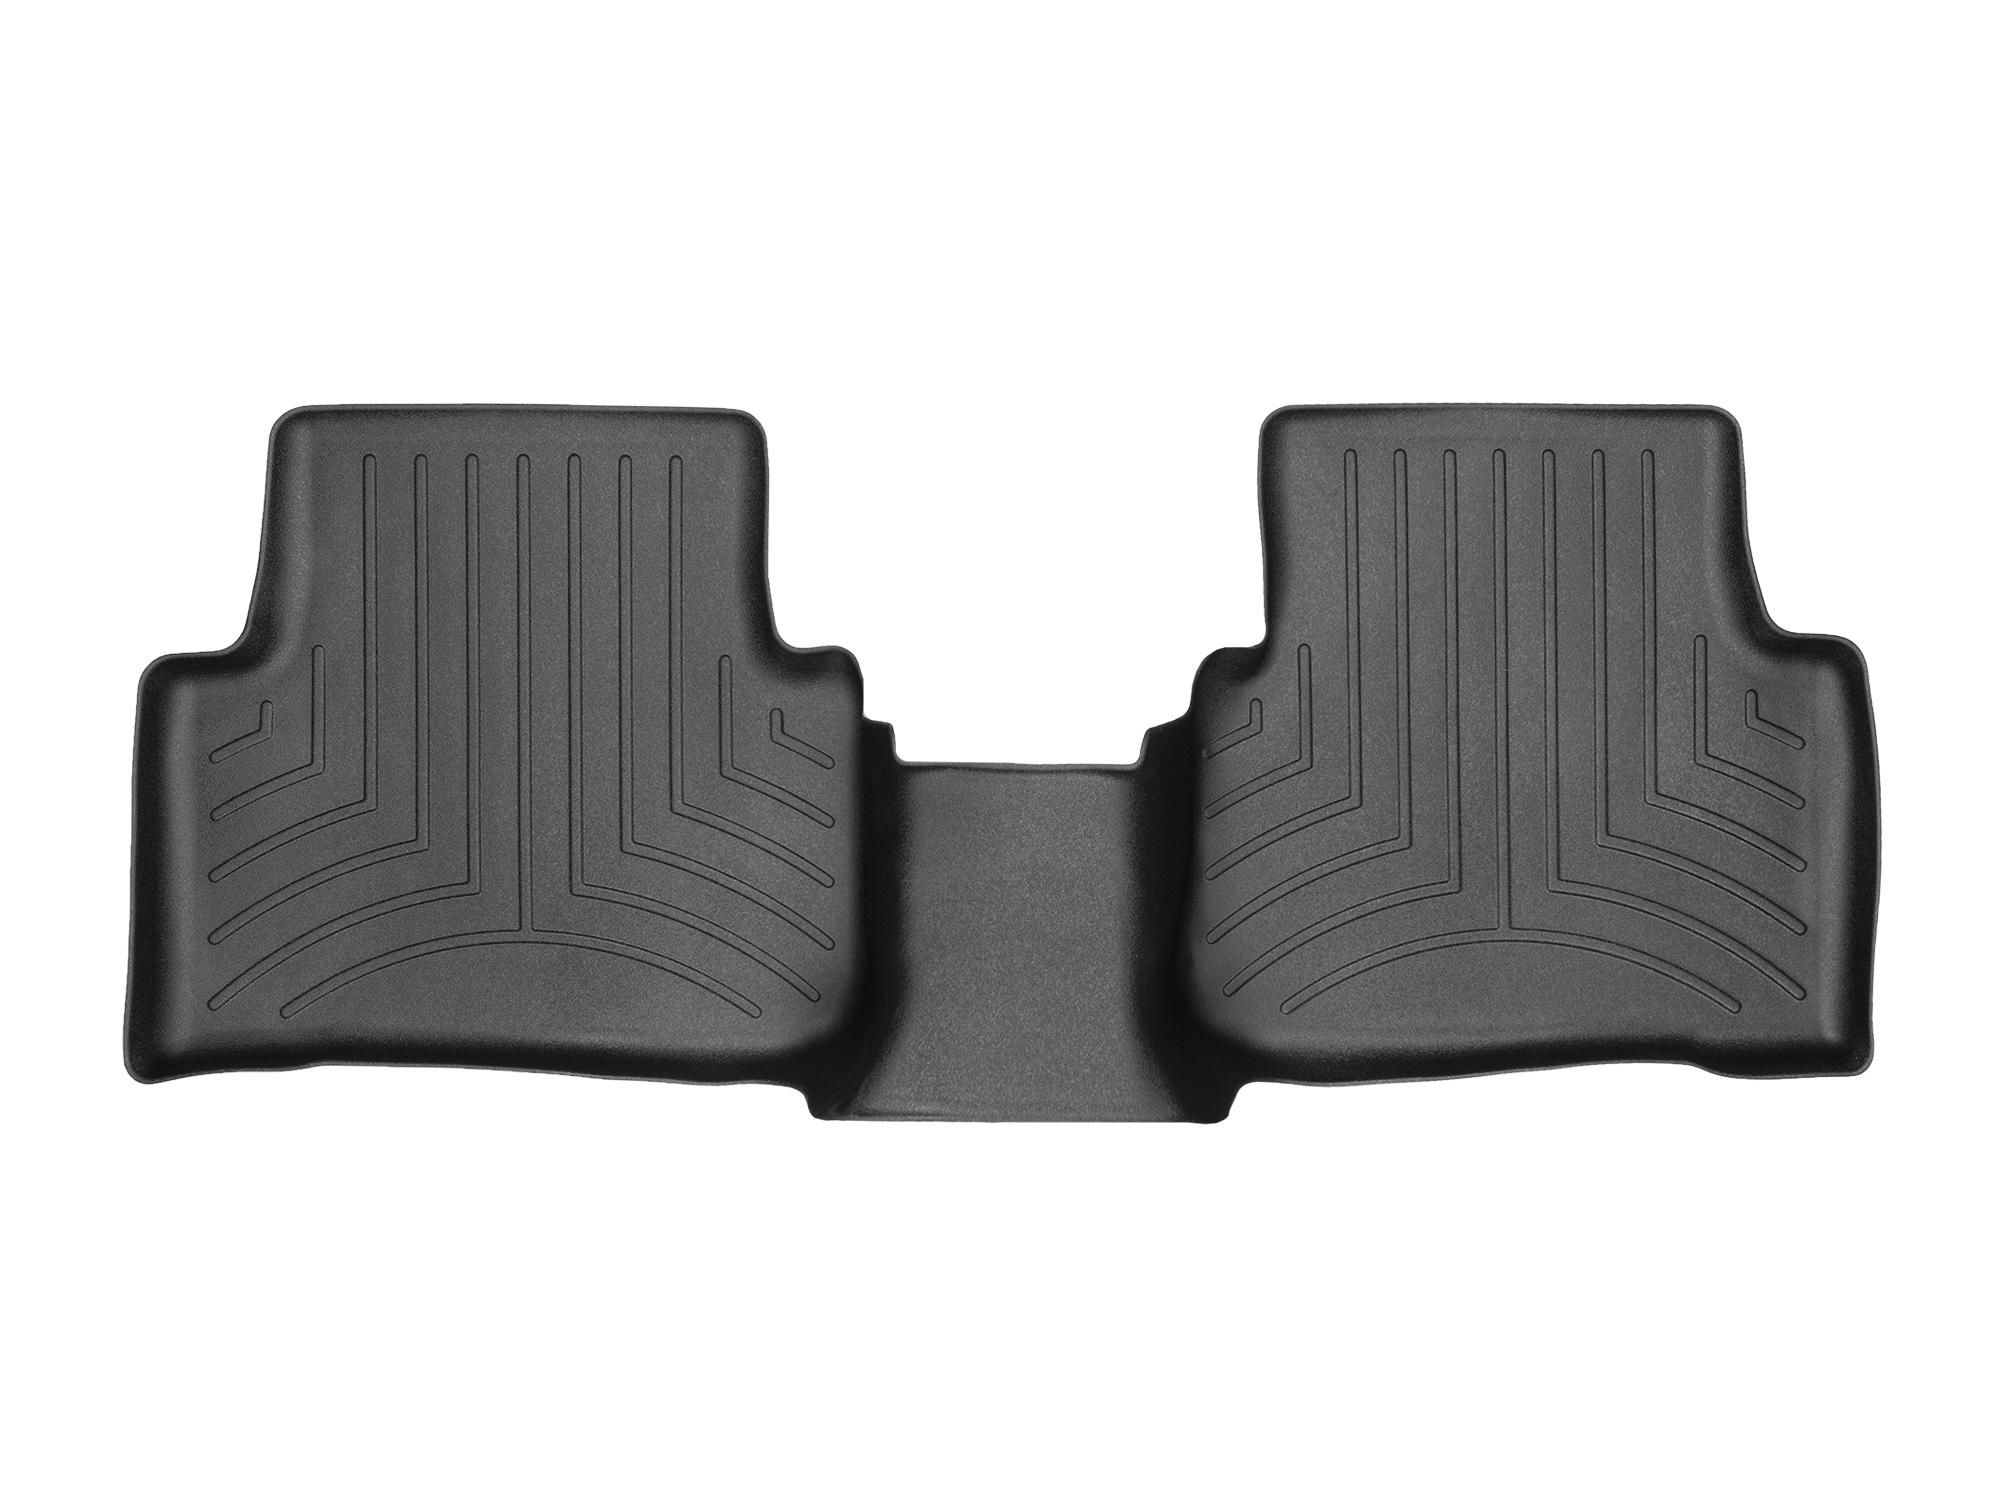 Tappeti gomma su misura bordo alto Volkswagen Tiguan 17>17 Nero A4276*